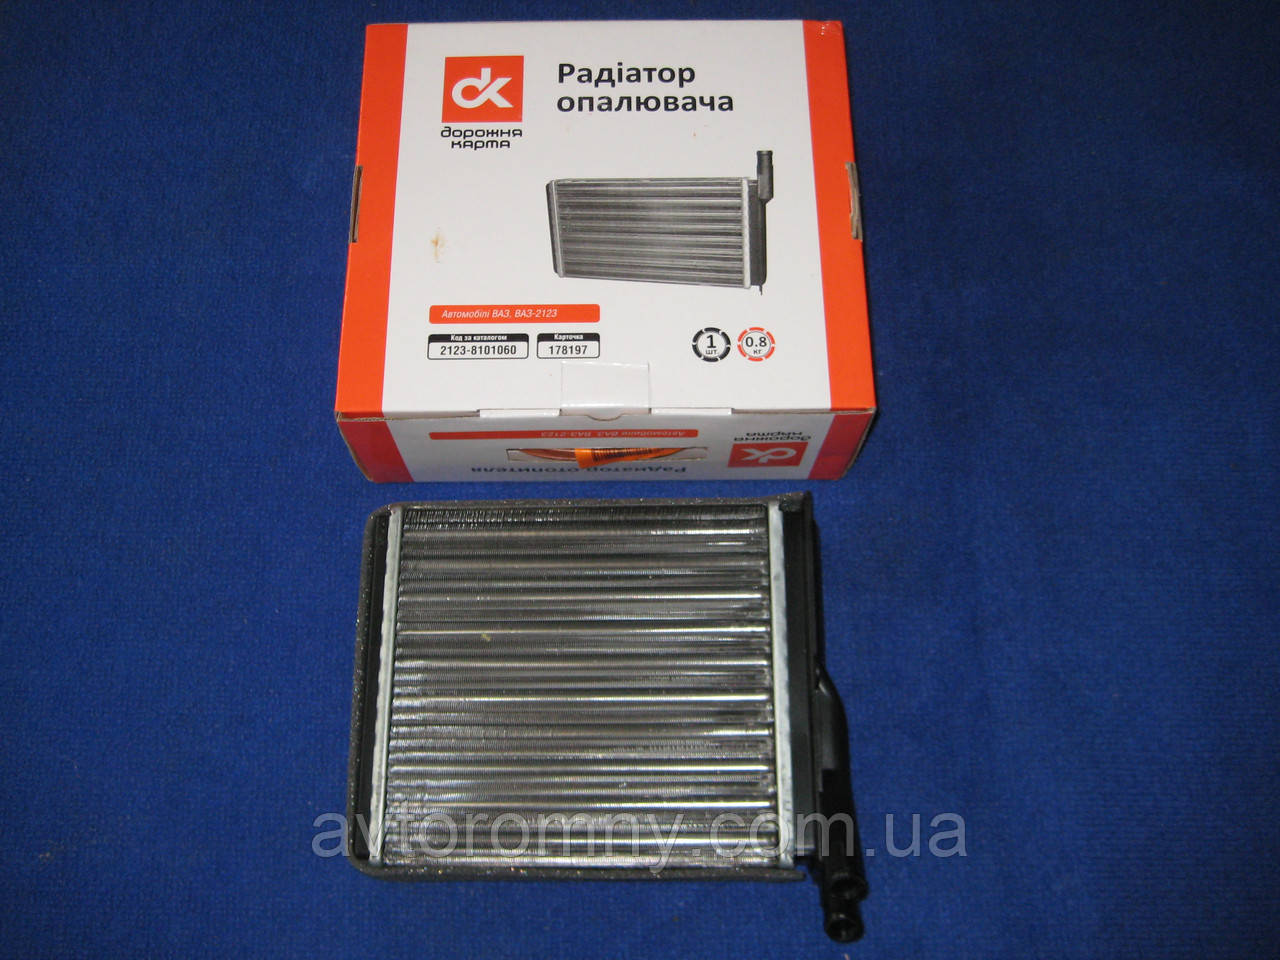 Радіатор пічки ВАЗ 2123 Шевроле Нива 2123-8101060 ДК